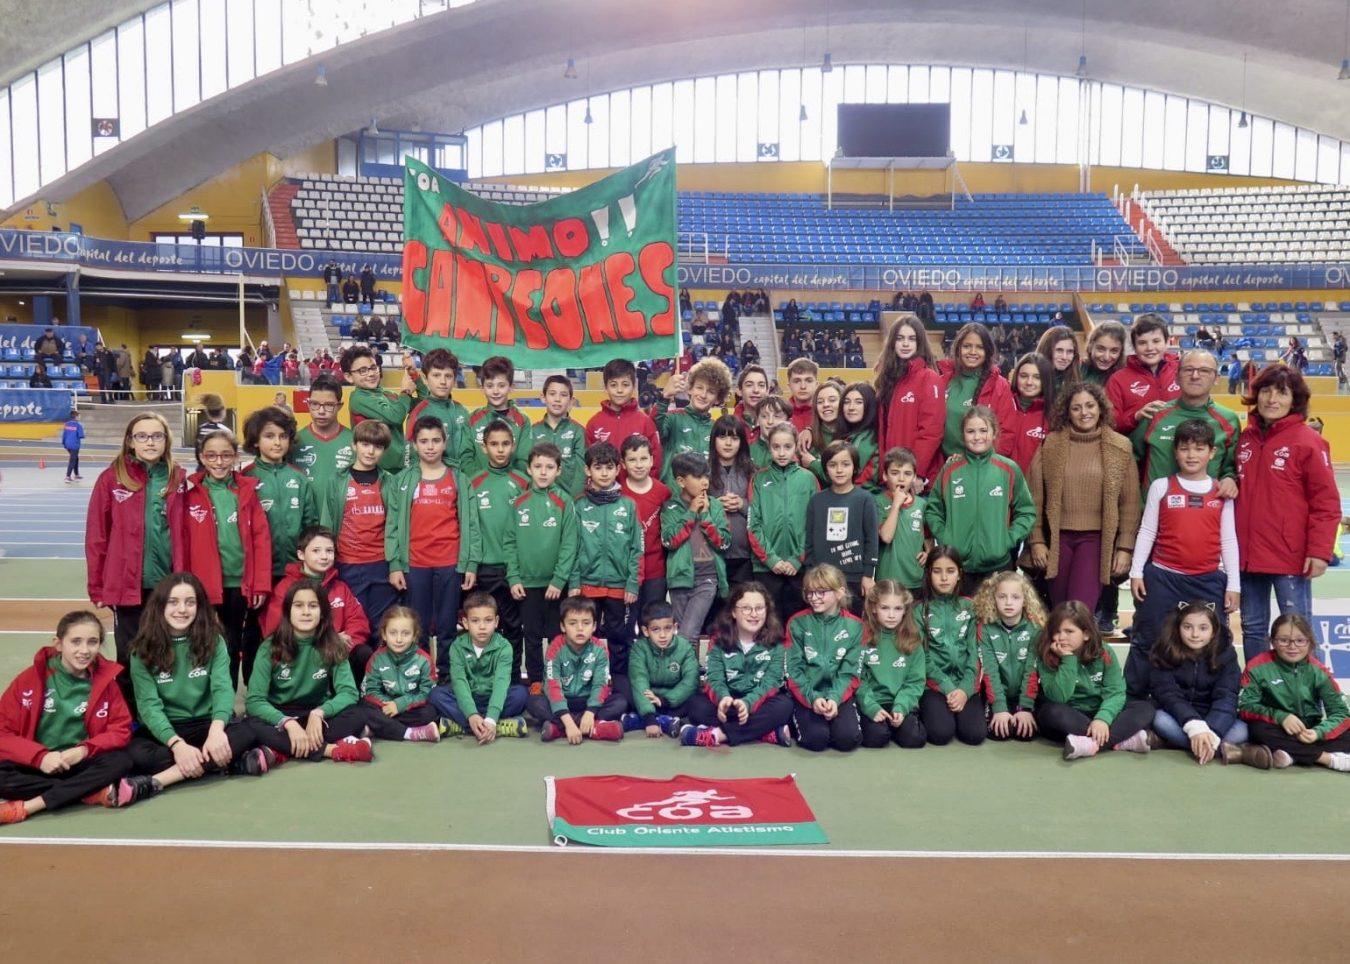 Tres medallas para la Escuela del Club Oriente Atletismo en el trofeo interescuelas